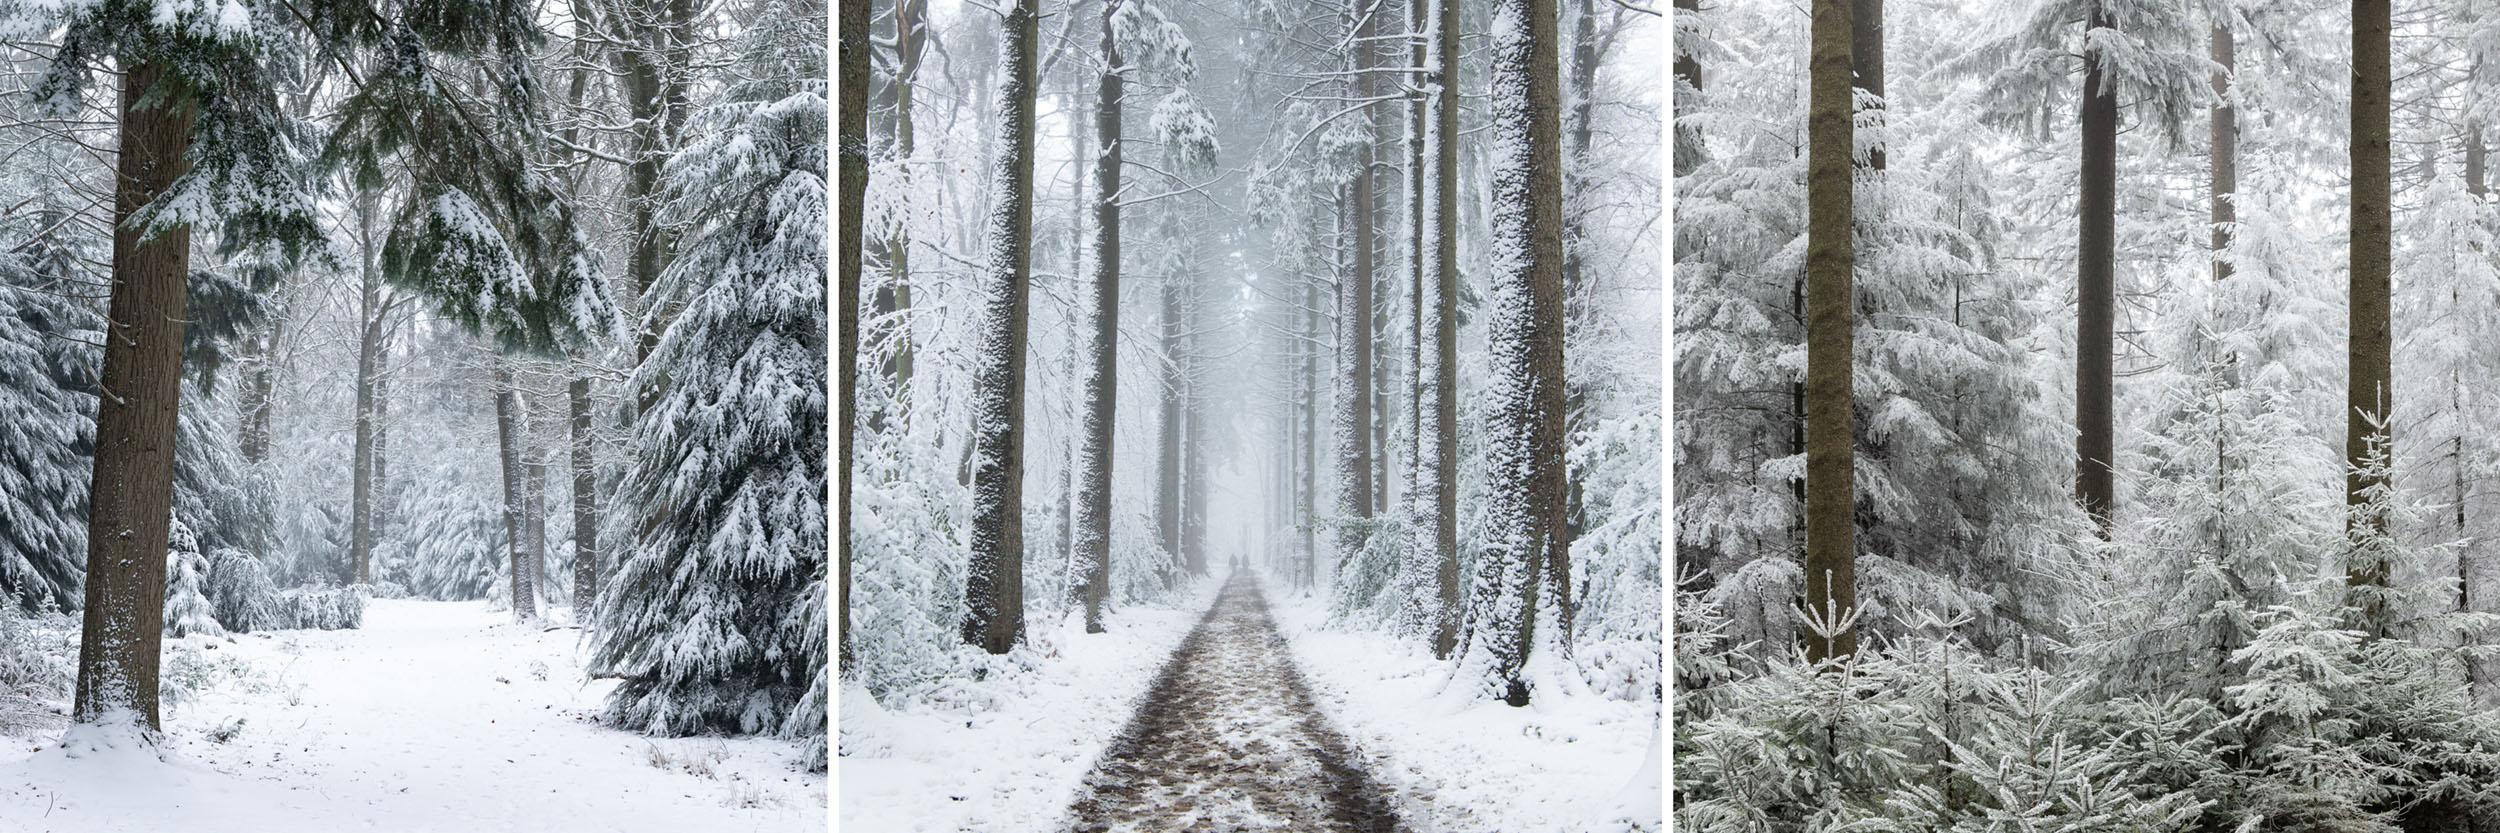 drieluik besneeuwde bossen